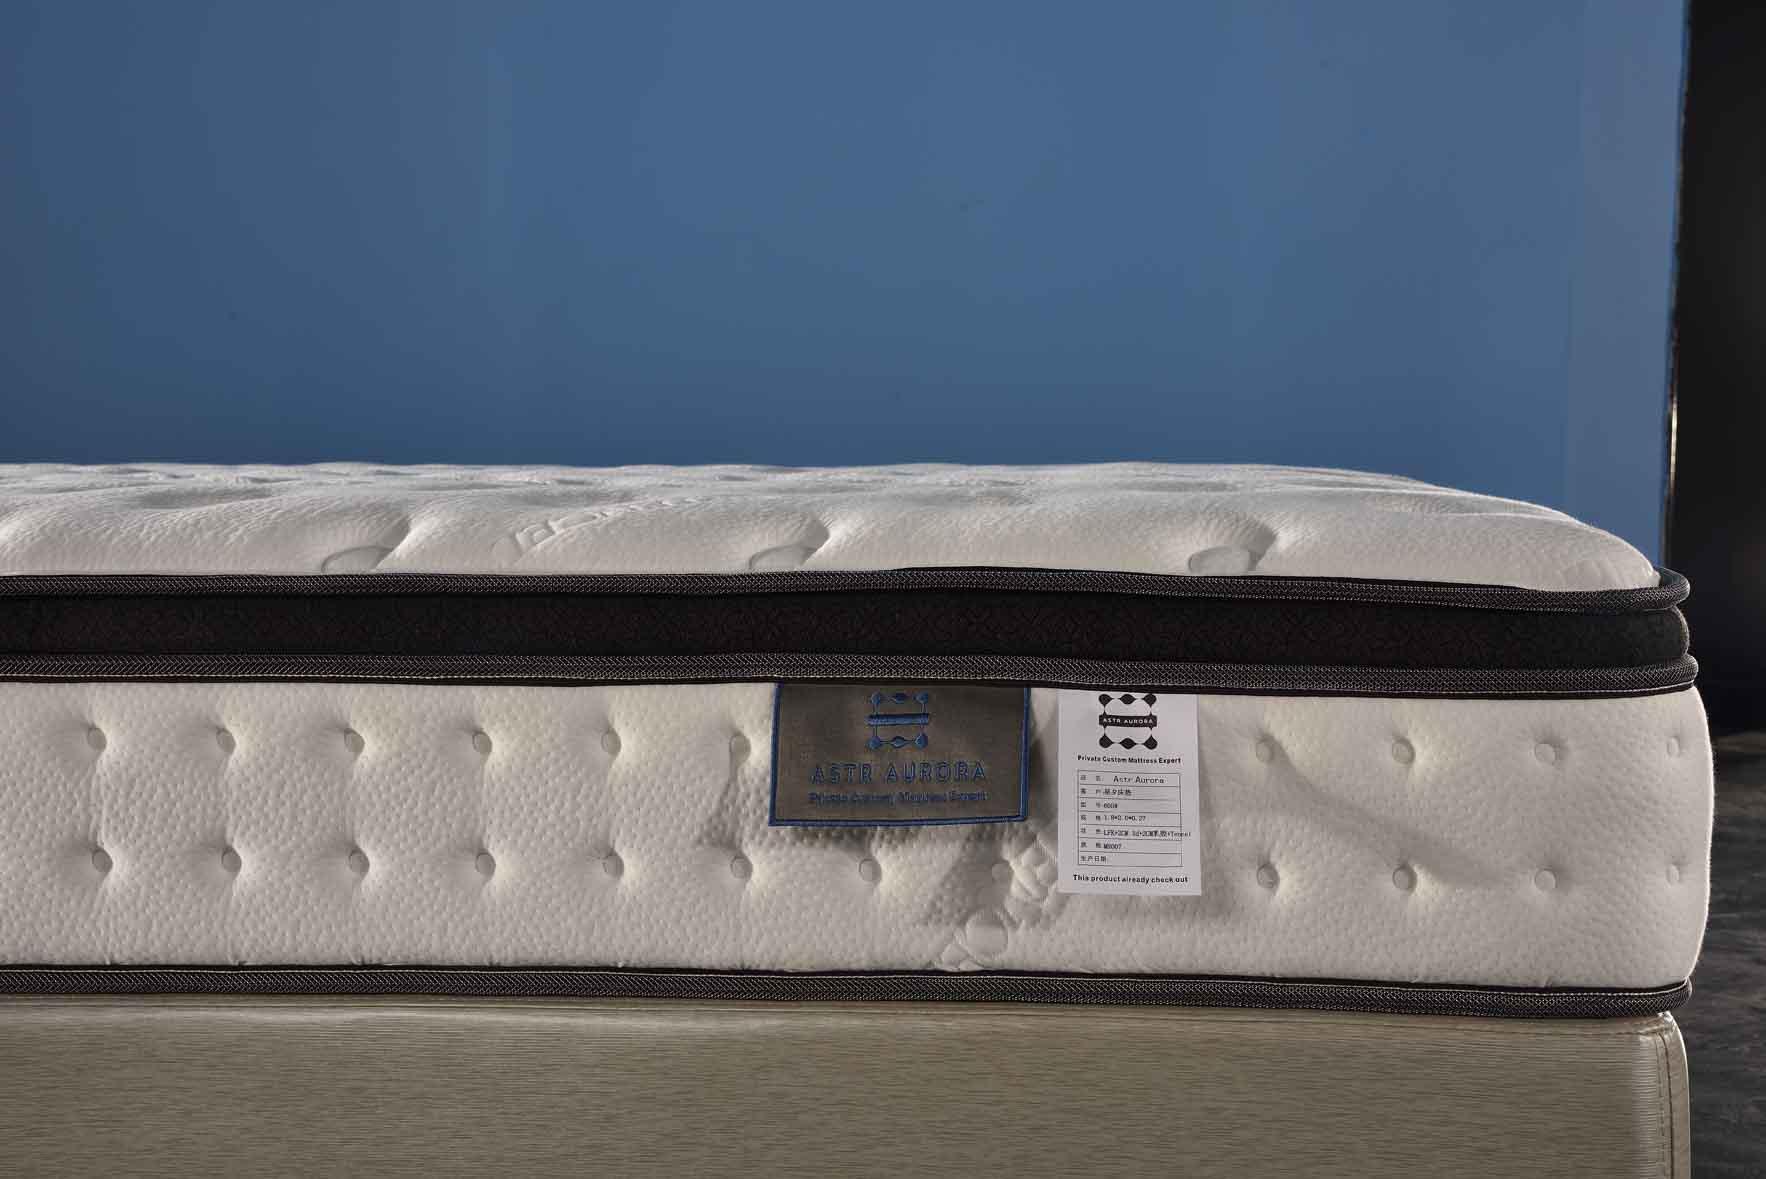 儿童床垫厂家电话 信息推荐 苏州星夜家居科技供应